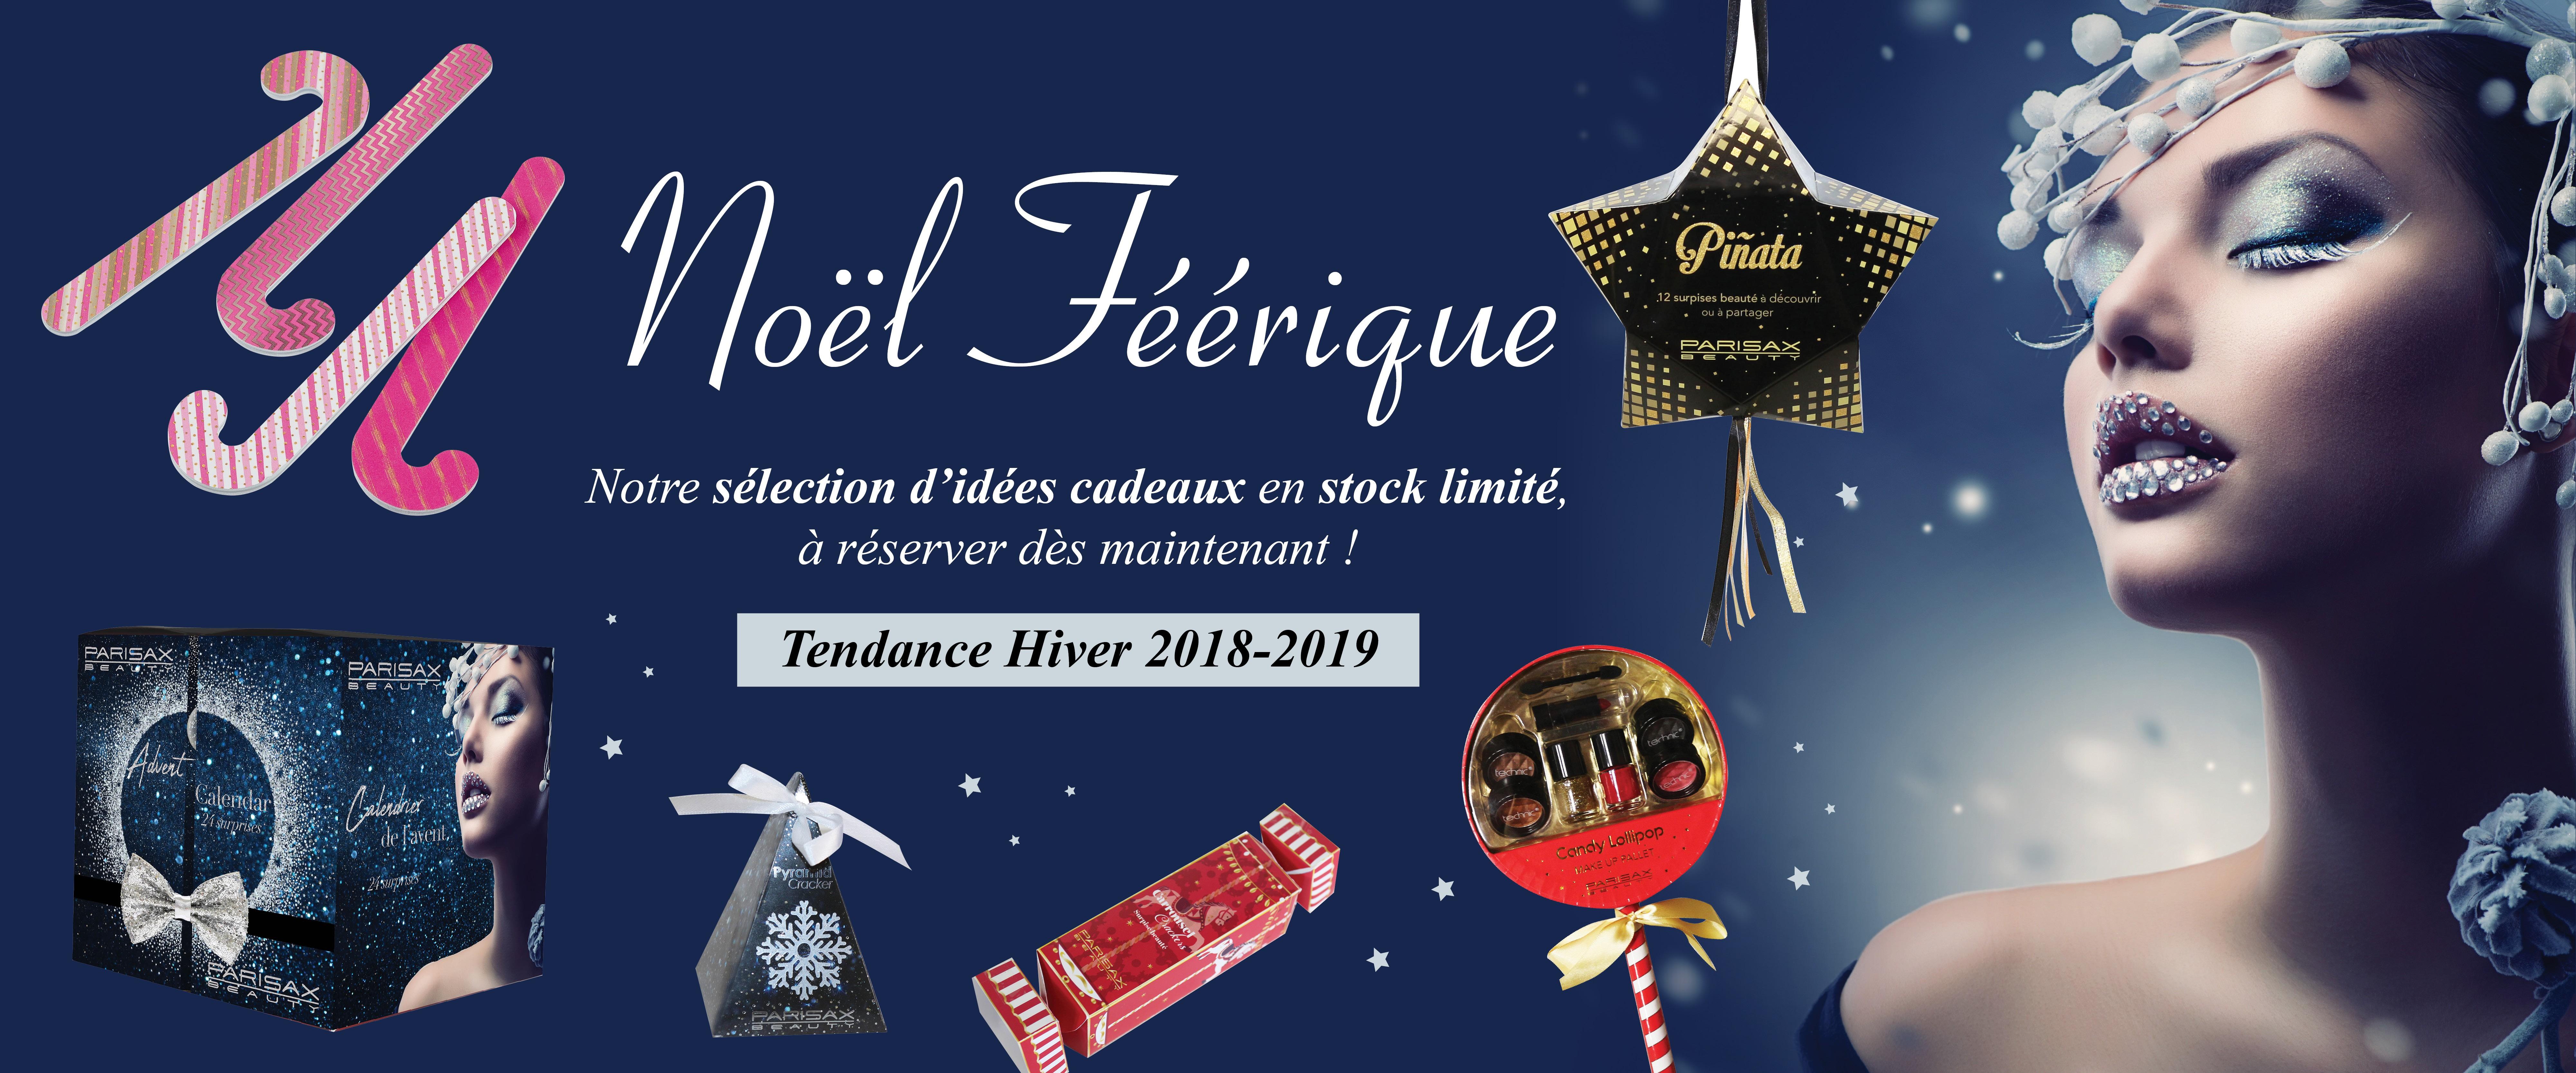 Colelction Noël Féérique 2018